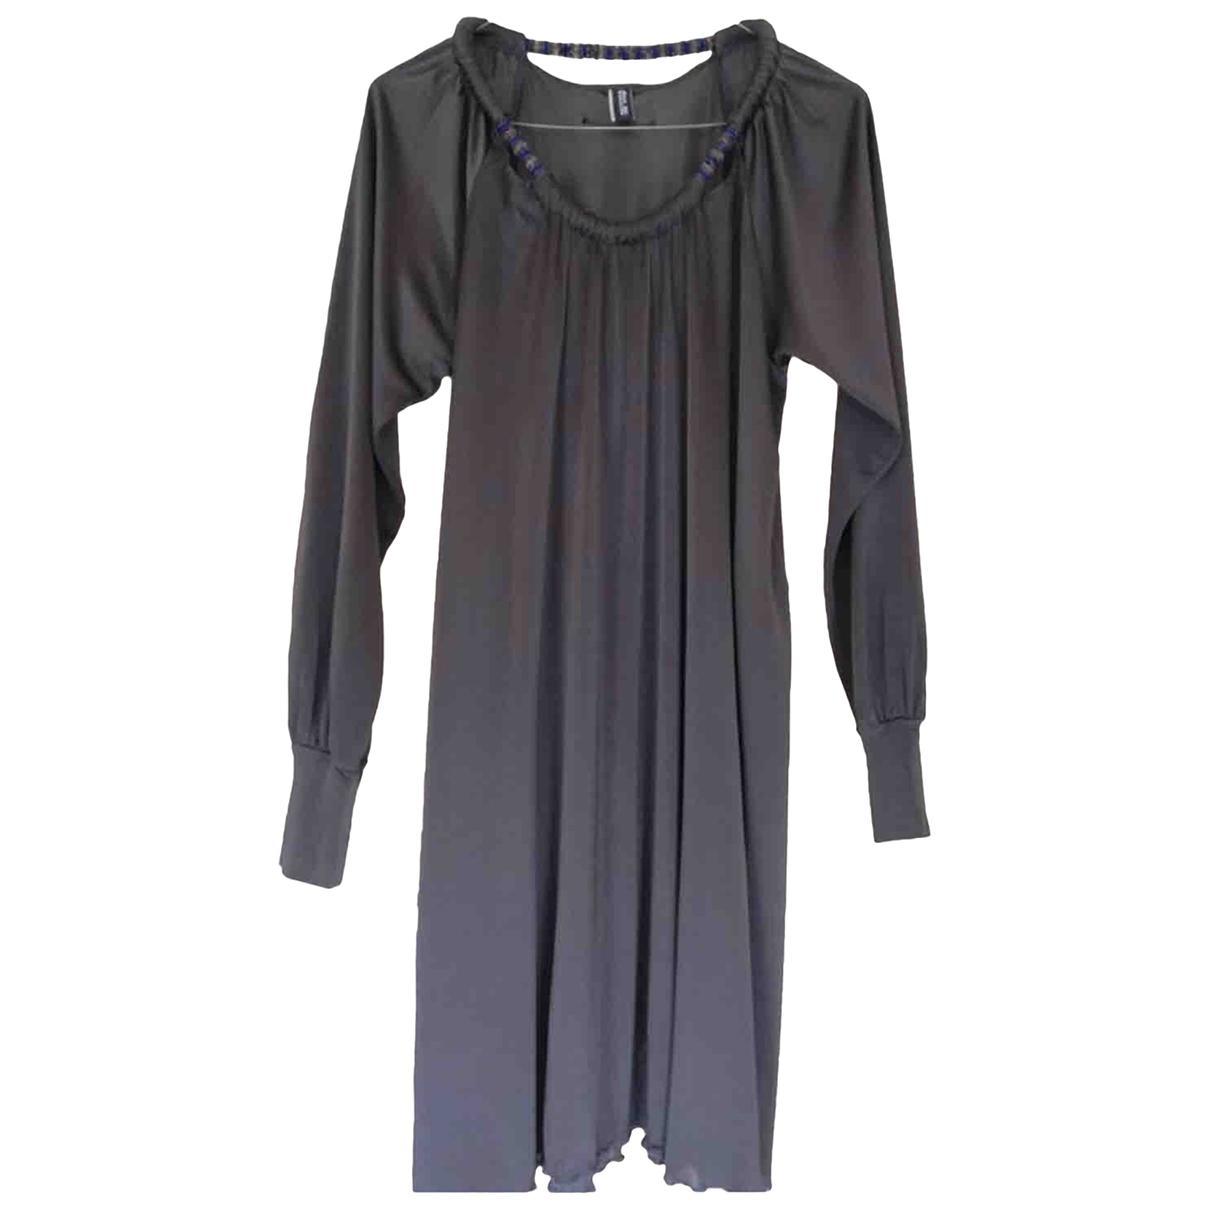 Jean Paul Gaultier \N Grey dress for Women S International